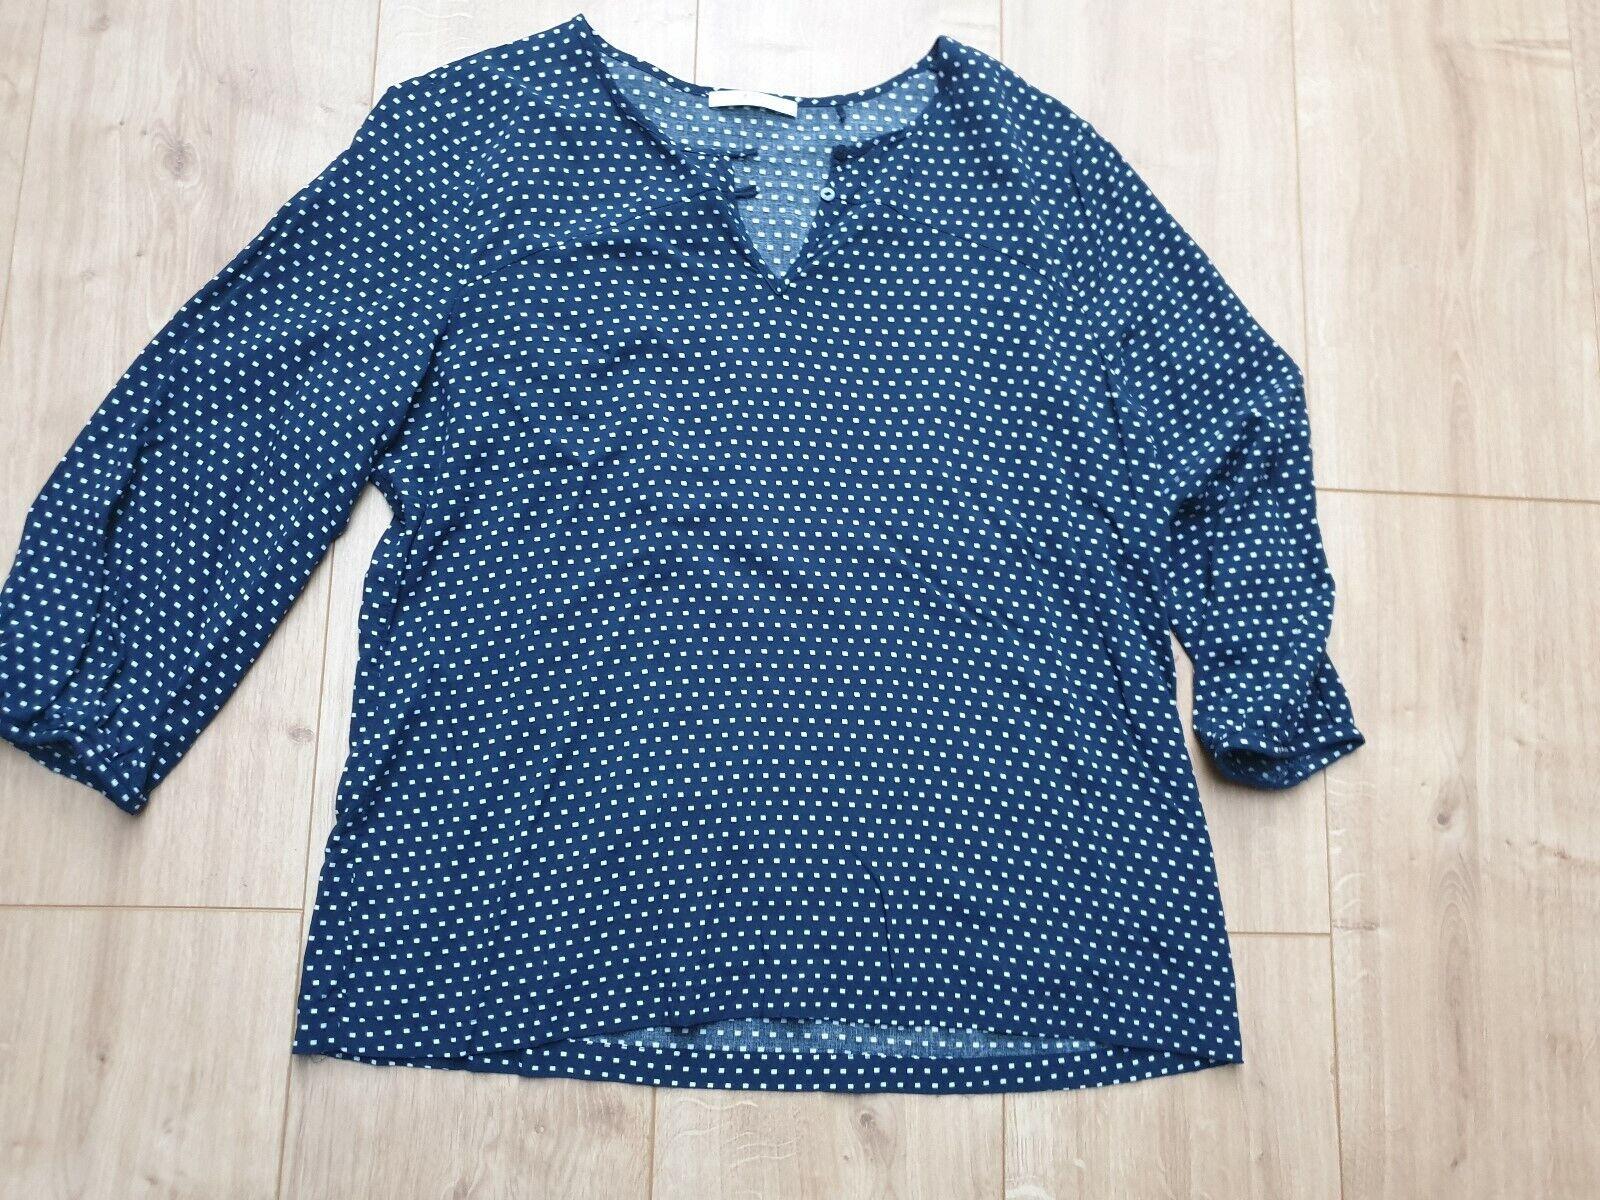 Esprit EDC Bluse, dunkelblau, Größe L, wenig getragen